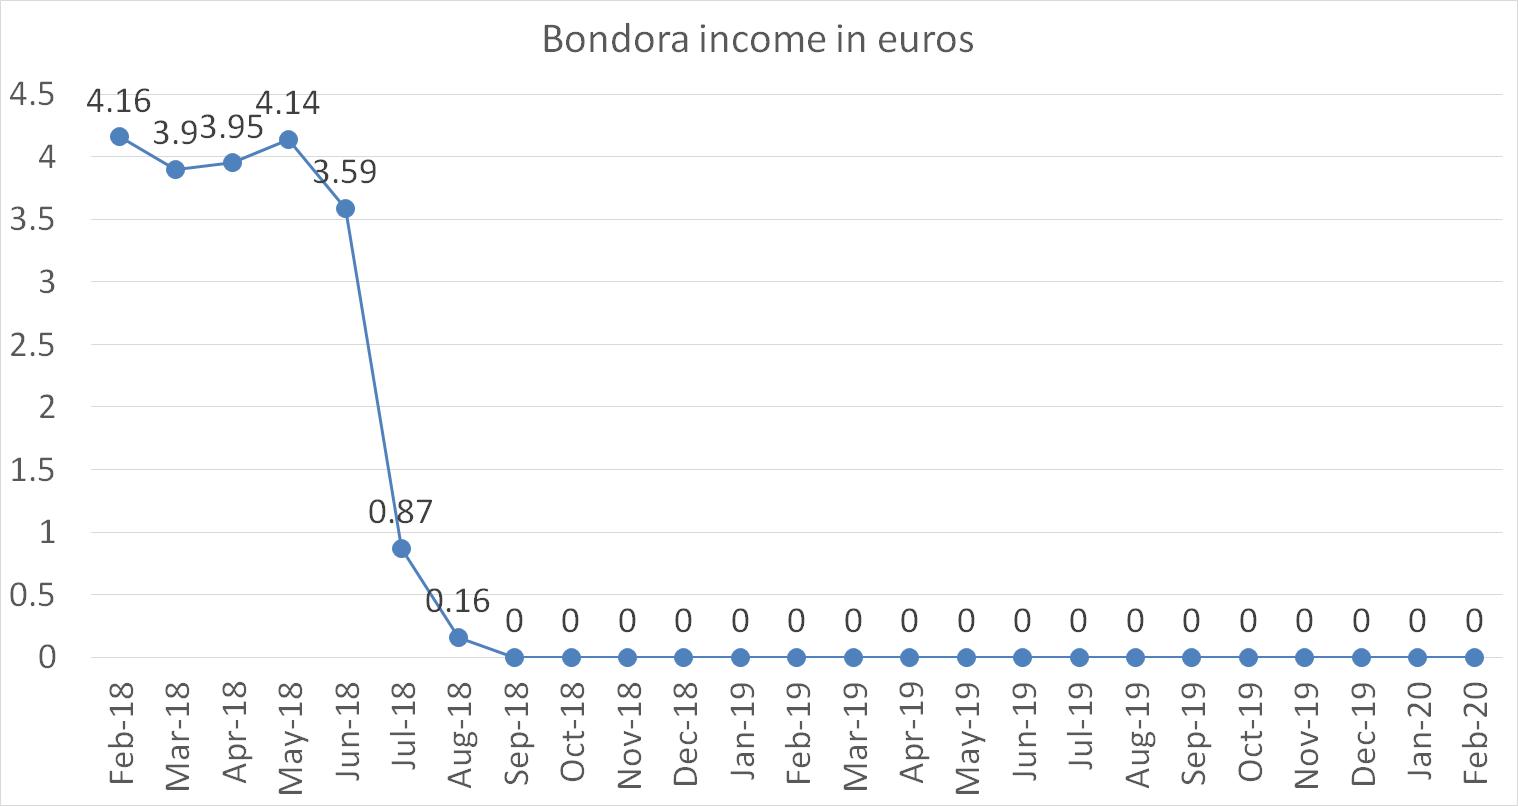 Bondora income in euros in march 2020